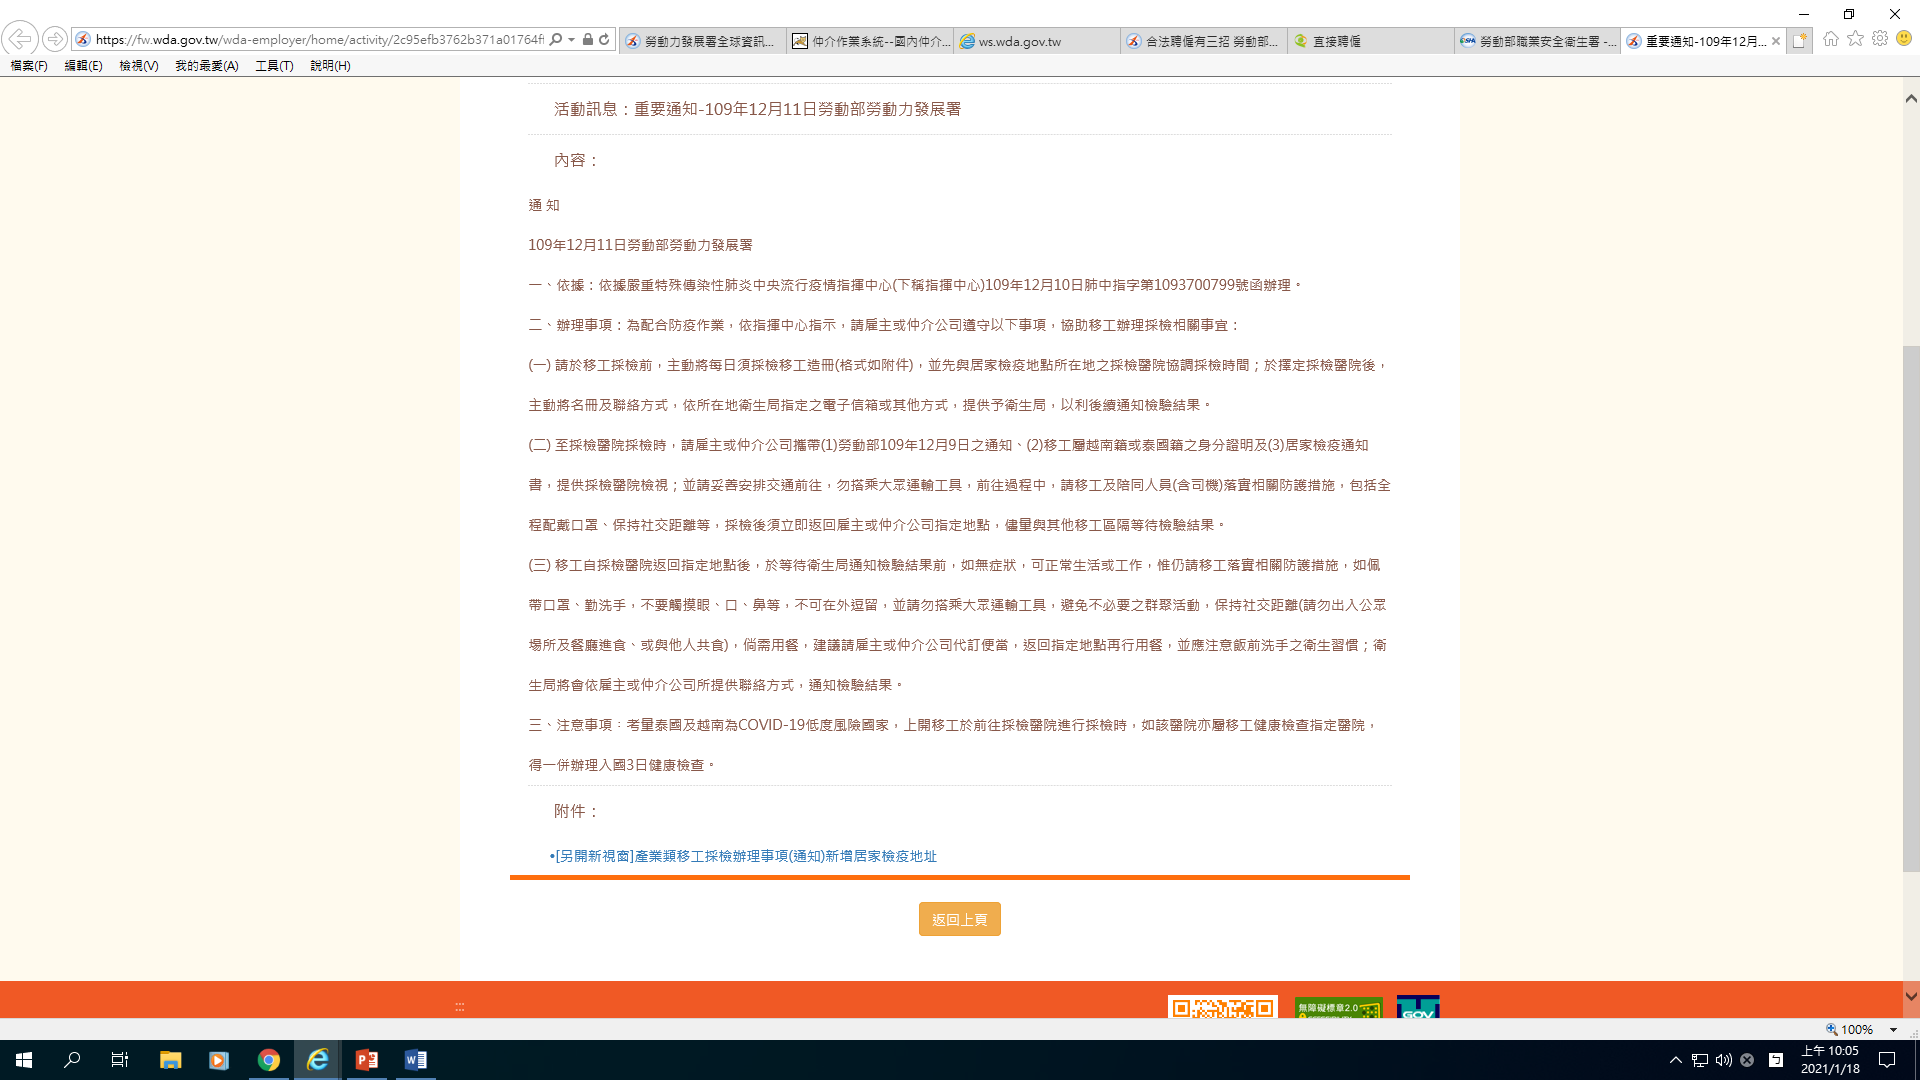 移工辦理採檢相關事宜網頁畫面